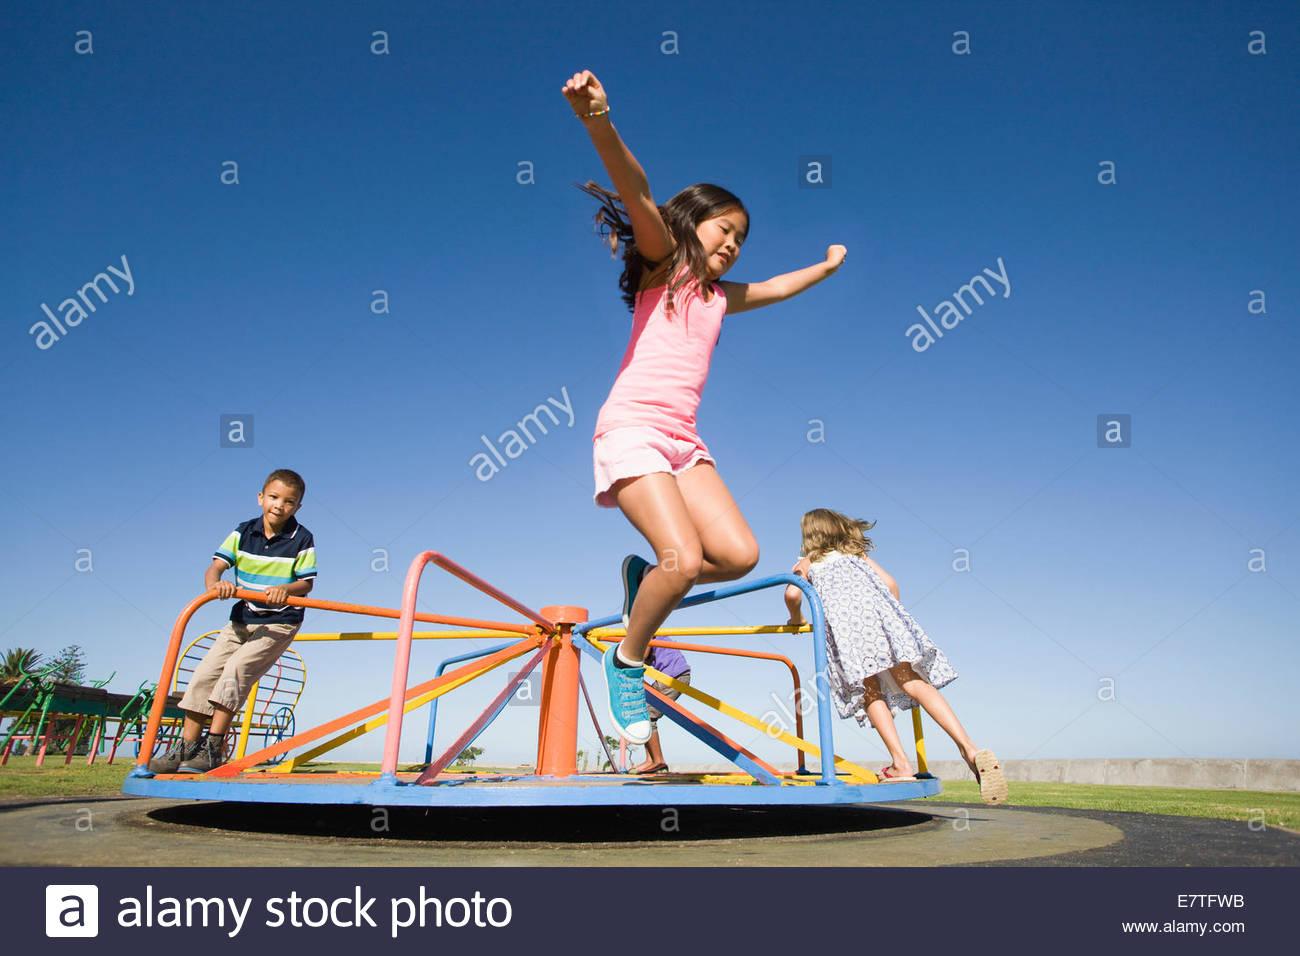 Los niños brincando tiovivo de playground Imagen De Stock